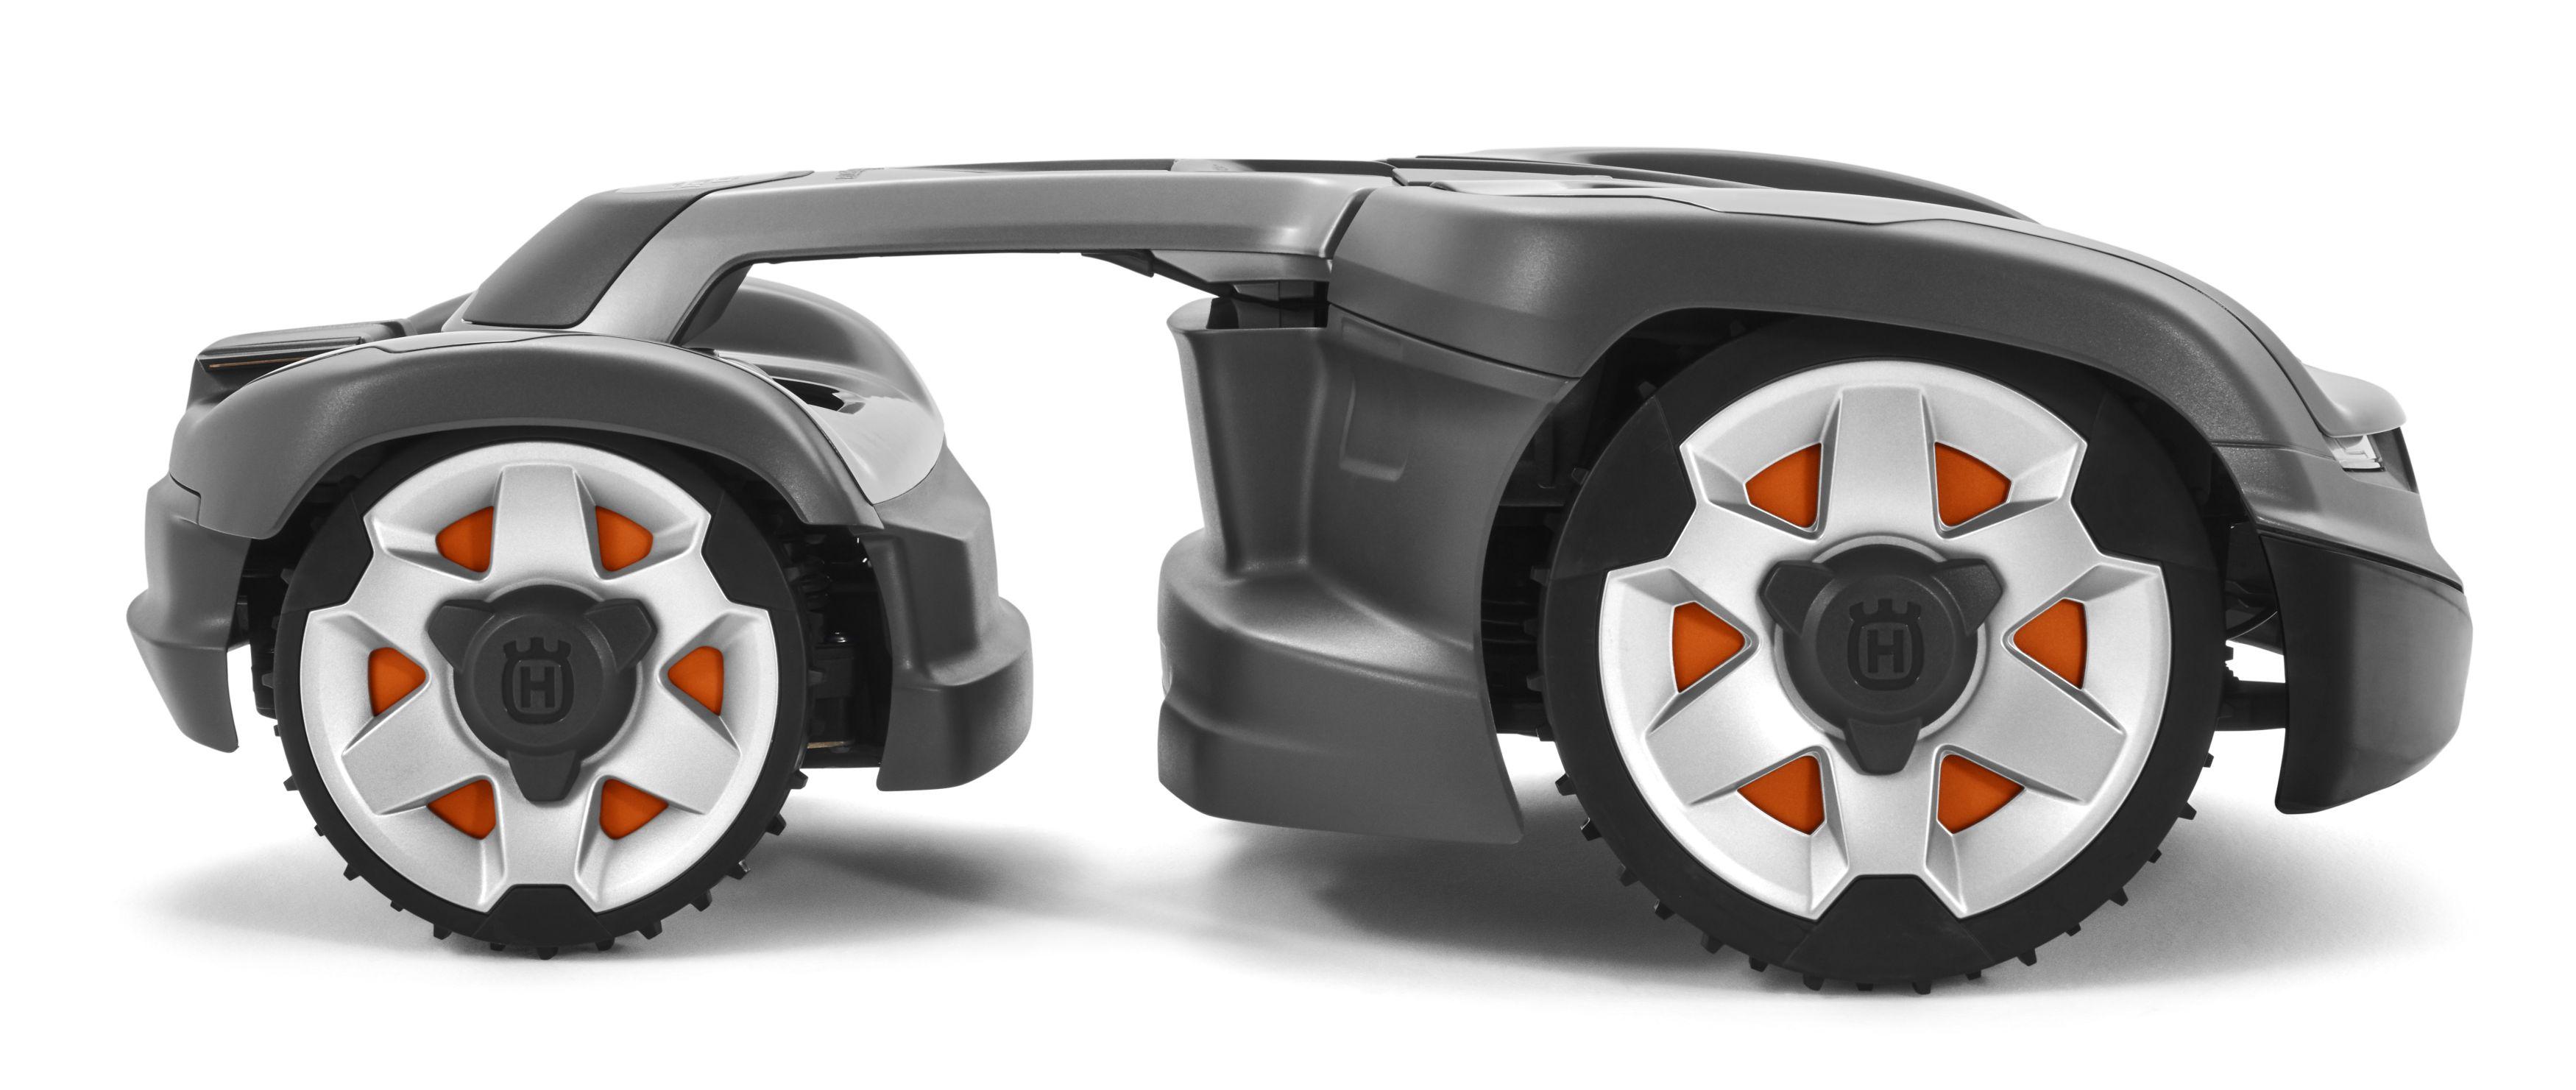 Jetzt erhältlich-der erste Allrad-Mähroboter der Welt!